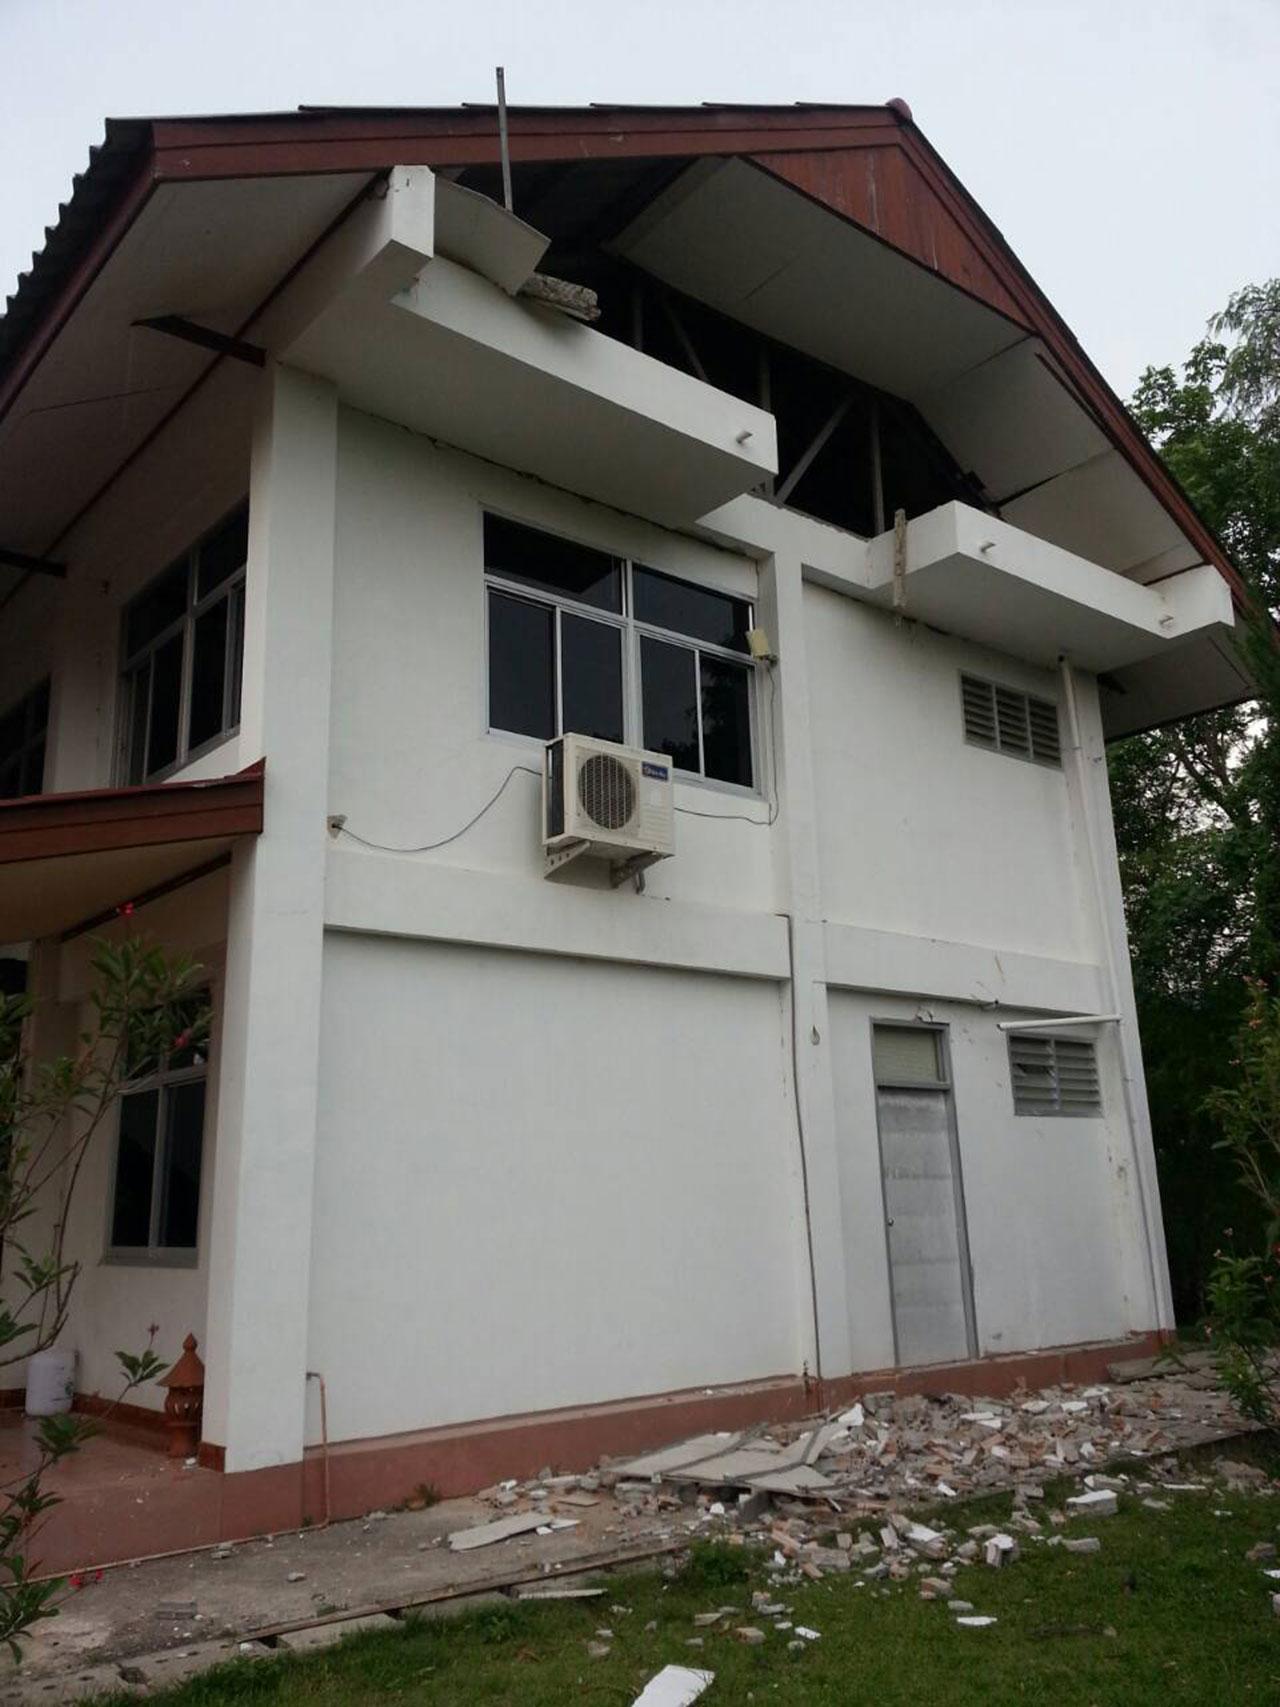 สภาพอาคาร รพ.สต. ที่ได้รับความเสียหายจากเหตุแผ่นดินไหว